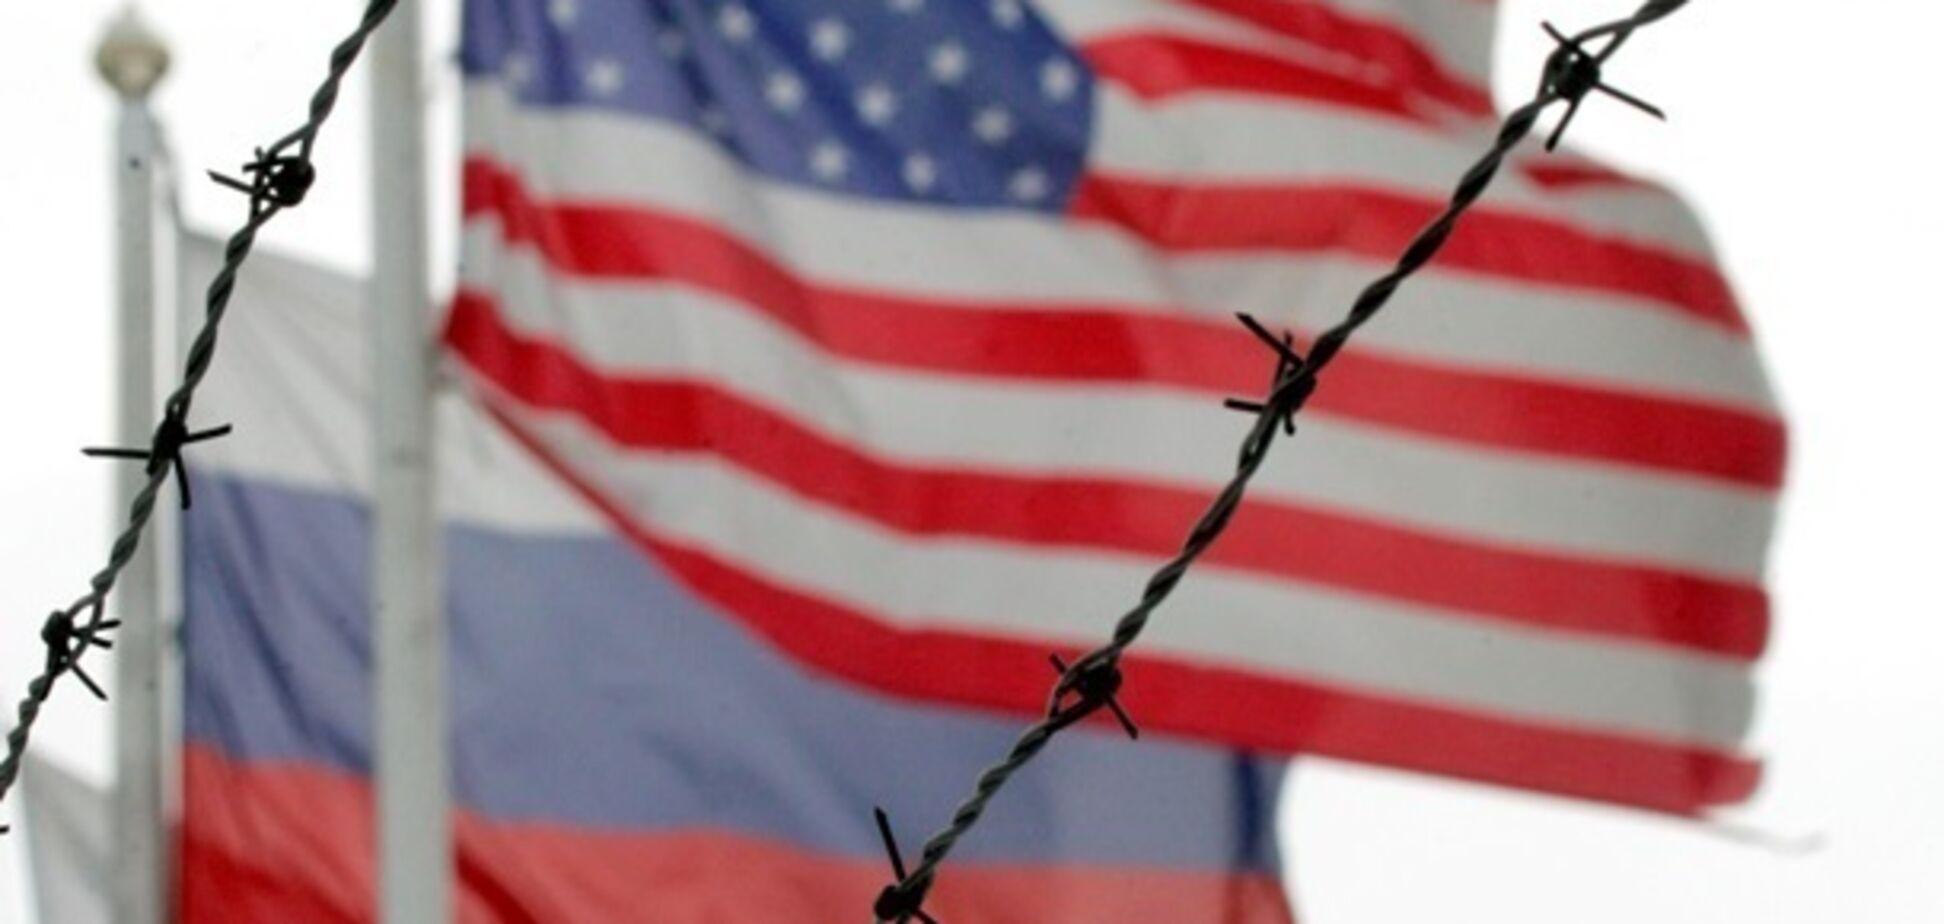 Загострення між США і Росією: Третьої світової не буде